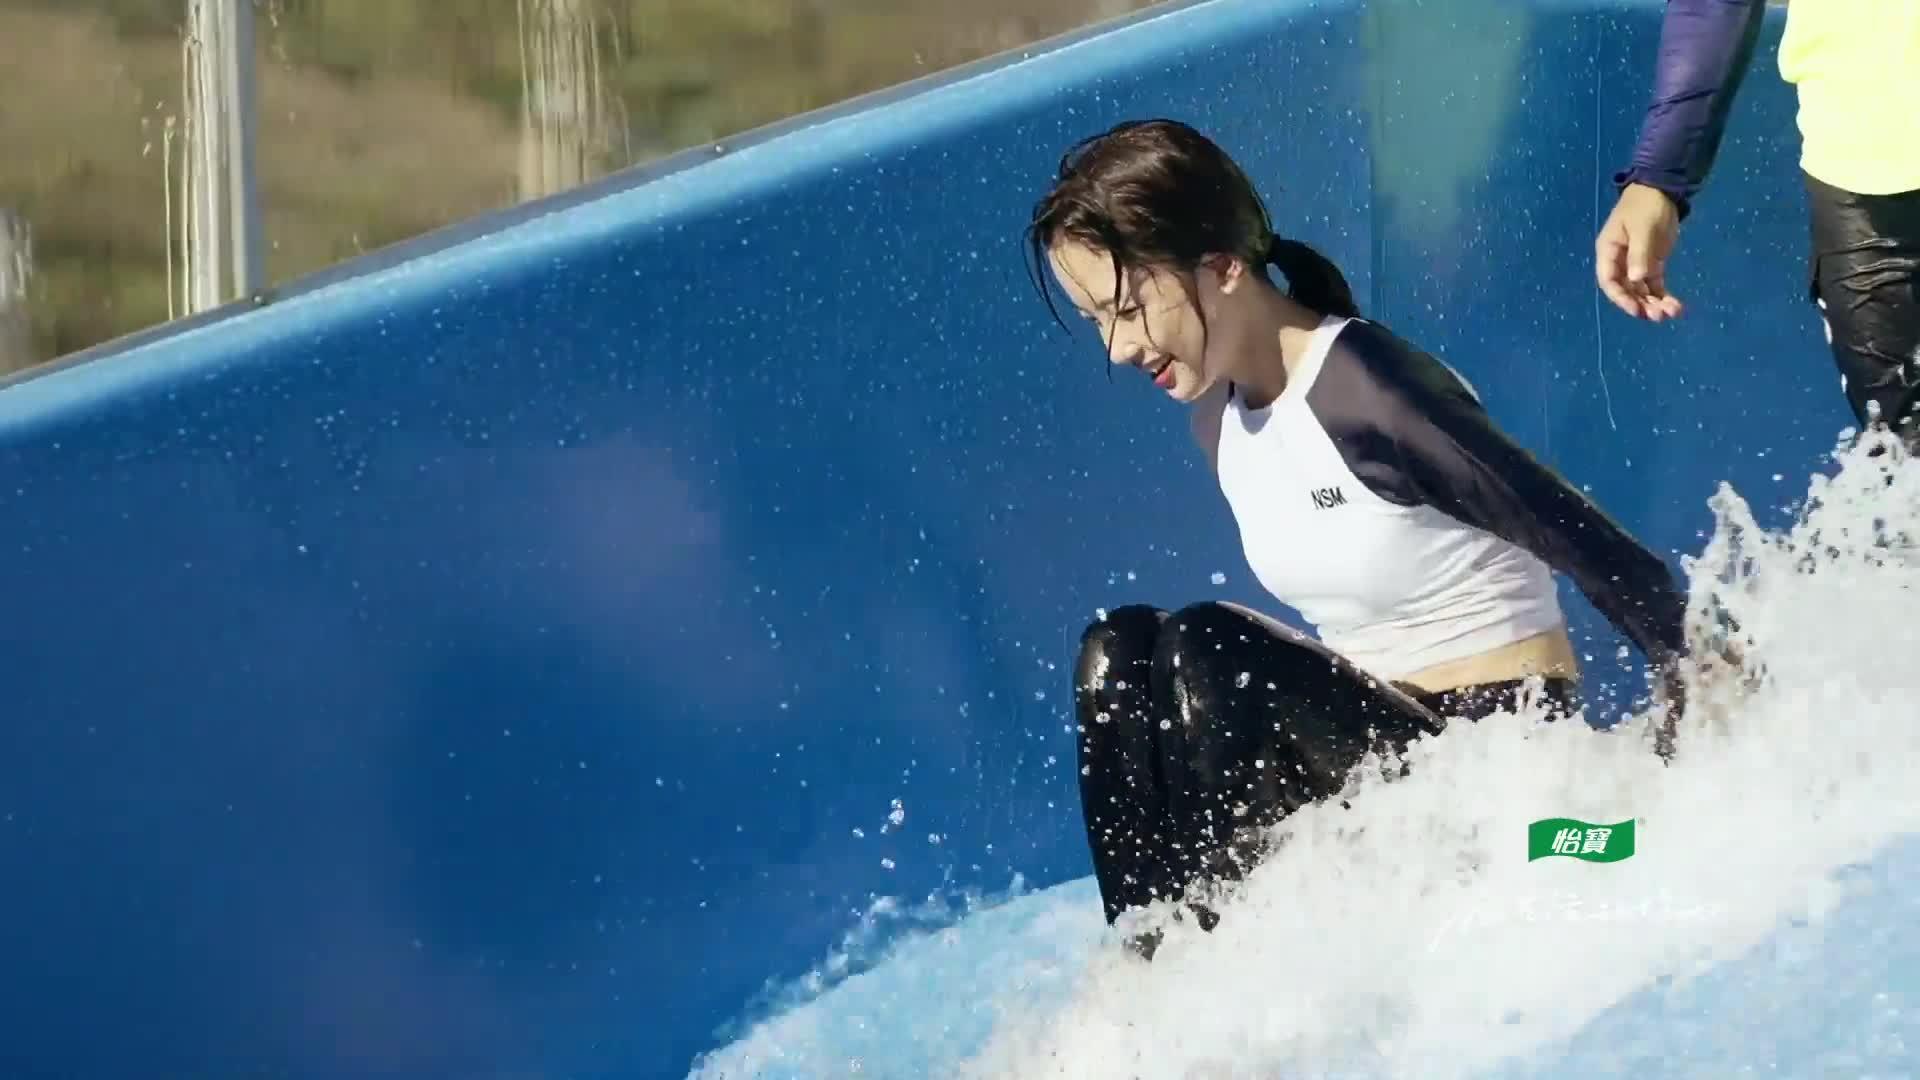 水花频繁加班!撒贝宁尼格买提王冰冰玩冲浪解放天性